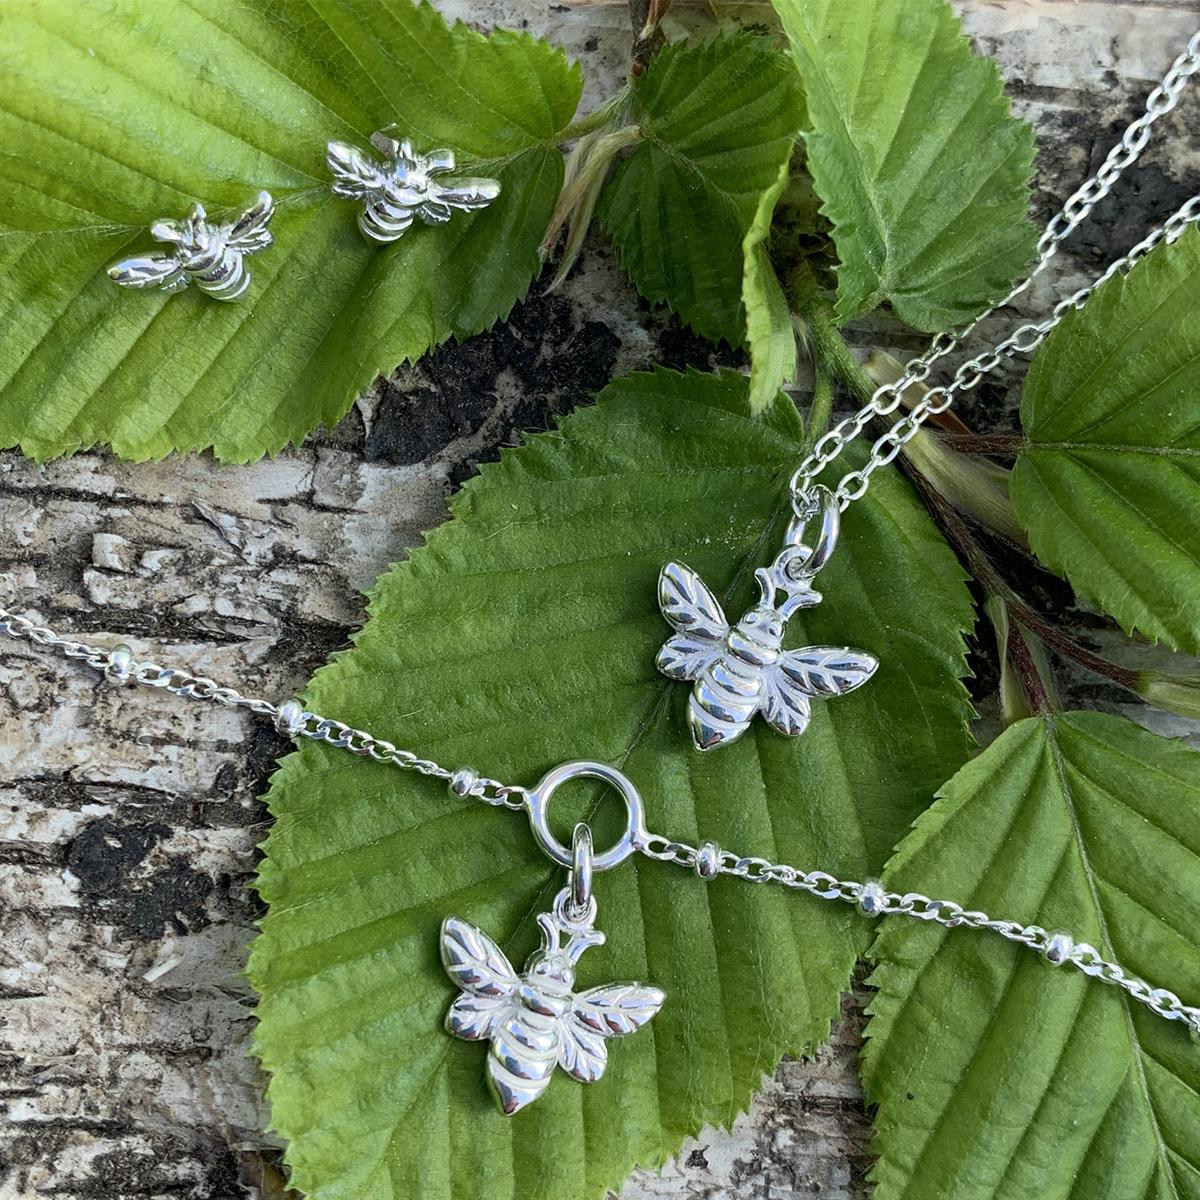 Sterling Silver Dainty Bee Necklace Bracelet Earrings Photoshoot